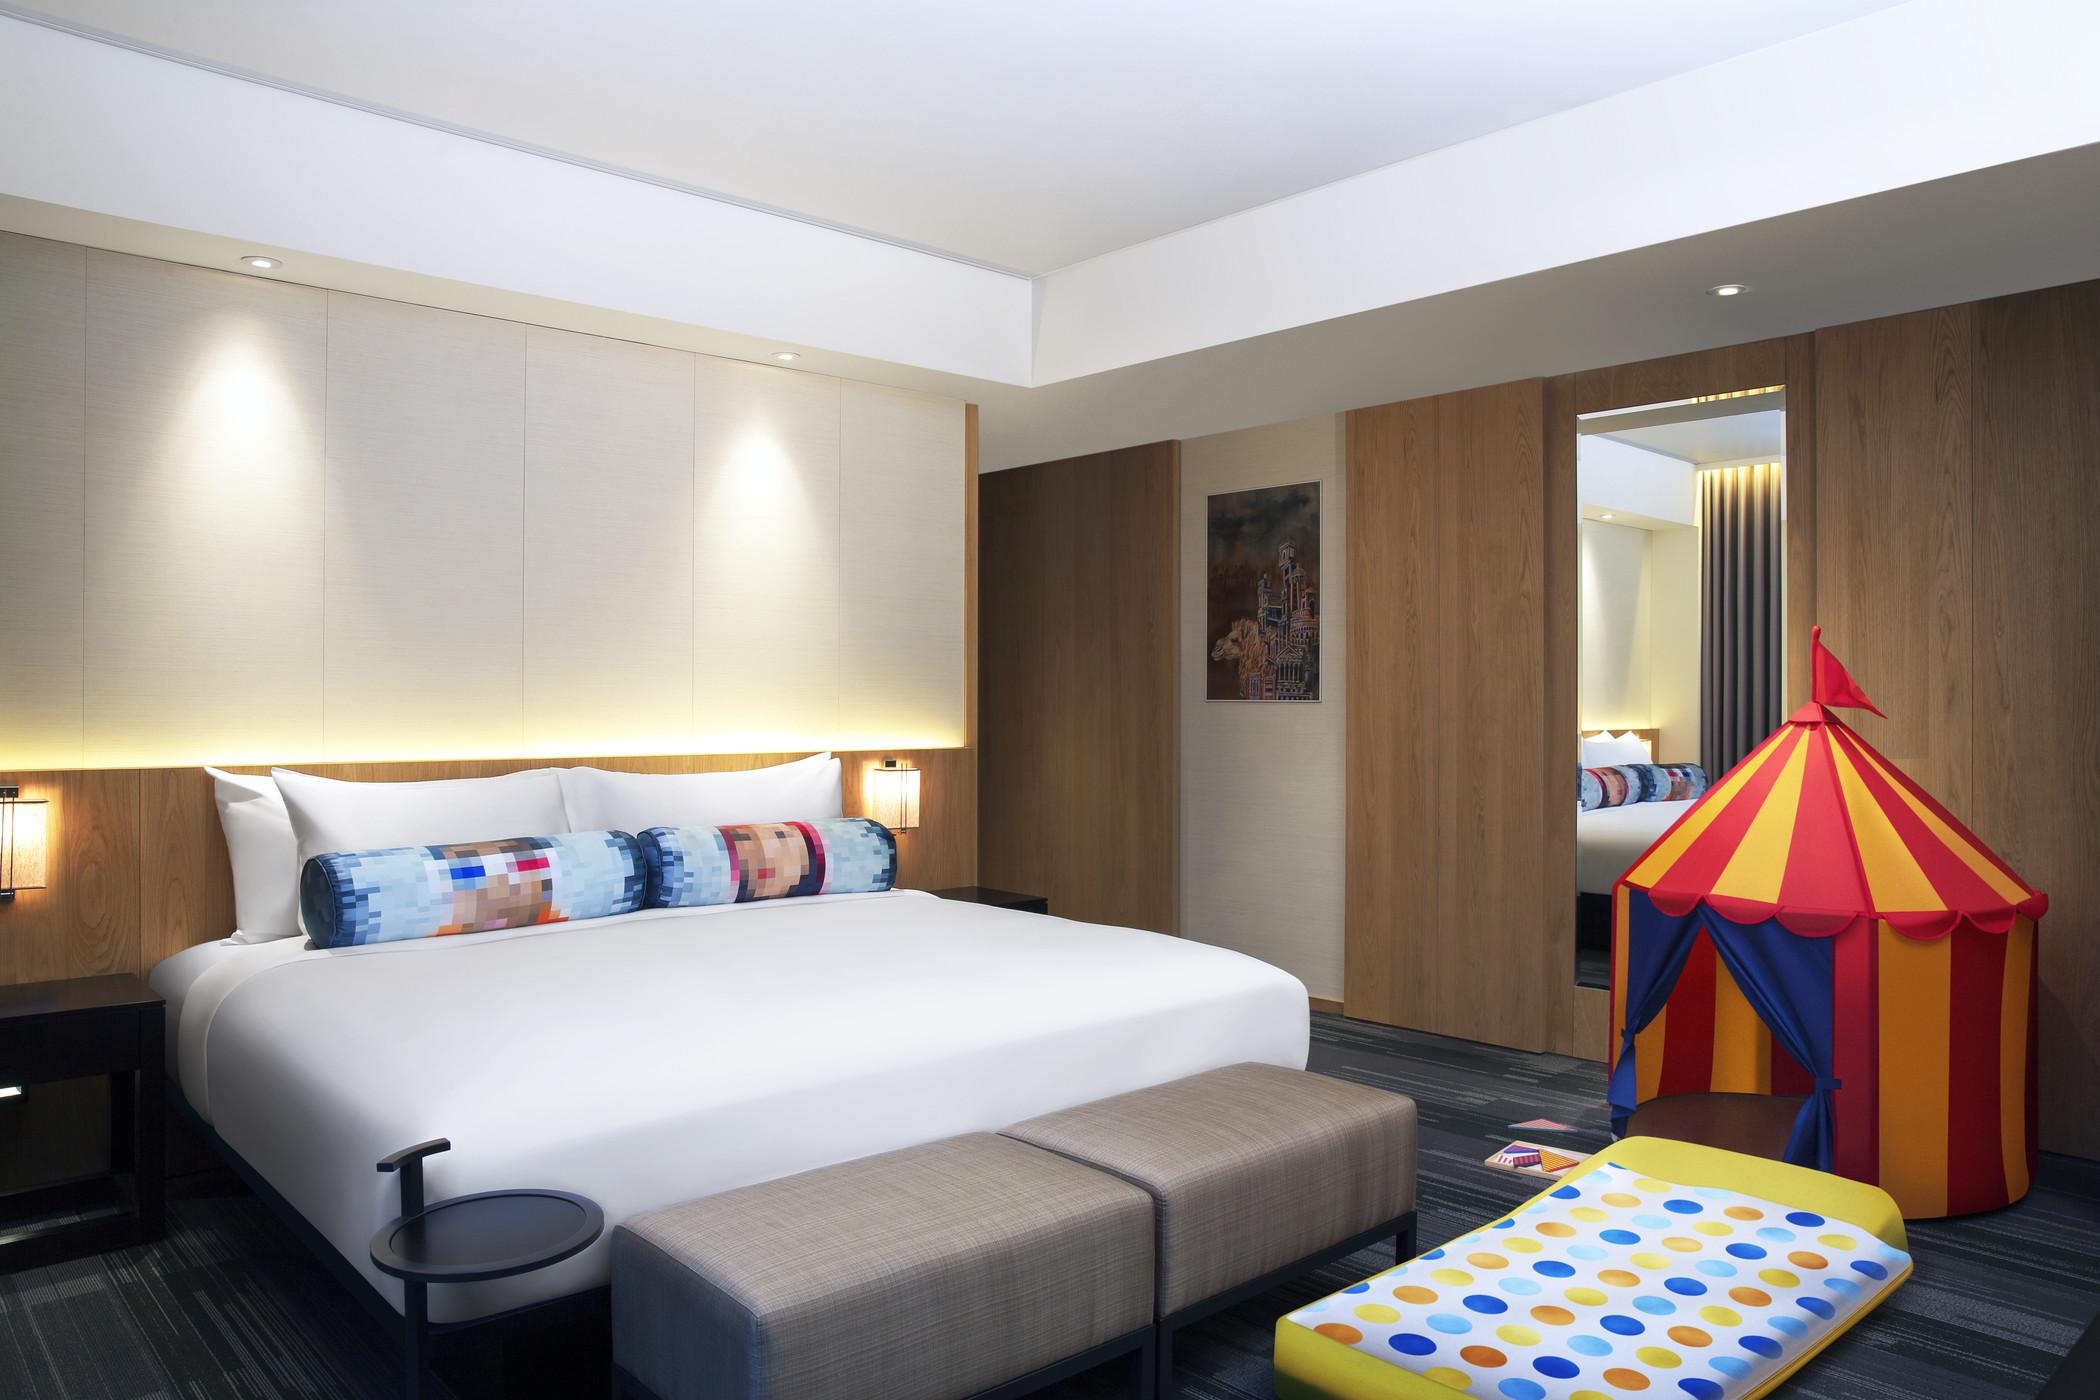 酒店拥有88间设计新颖的客房,均配有蓝牙门锁,用手机的SPG应用程式即可开启房门。此外,客房内皆配有英国斯林百兰 Slumberland的舒适睡床、Bliss 的沐浴备品、多功能面板与免费无线网路,且更配置有来自台湾在地新锐艺术家的创作品装置艺术,共88幅的原创画作展现台湾艺术设计的艺术魅力。